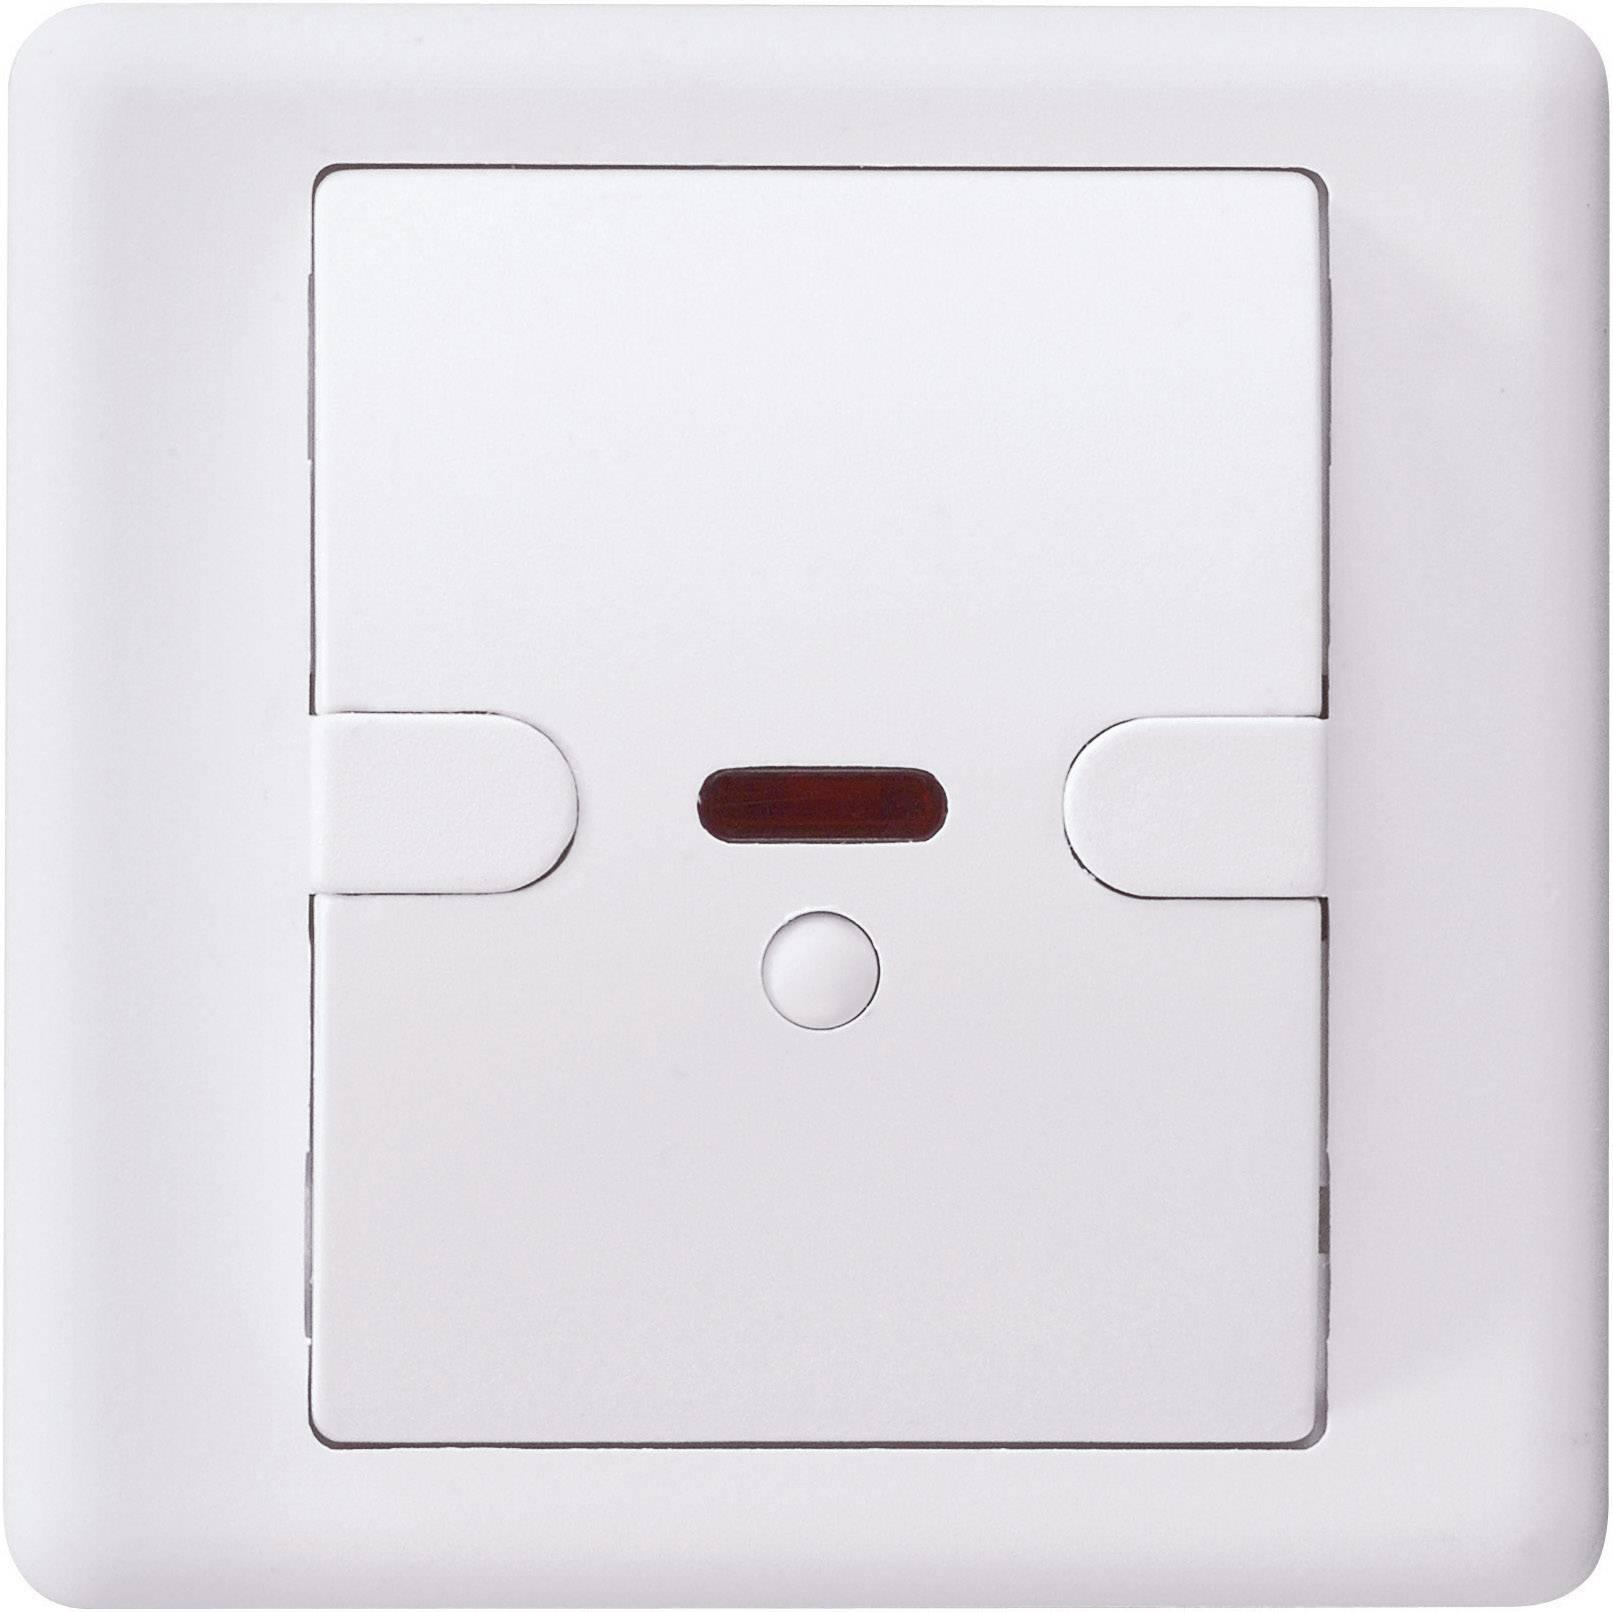 Ungewöhnlich 30 Ampere Lichtschalter Zeitgenössisch - Elektrische ...